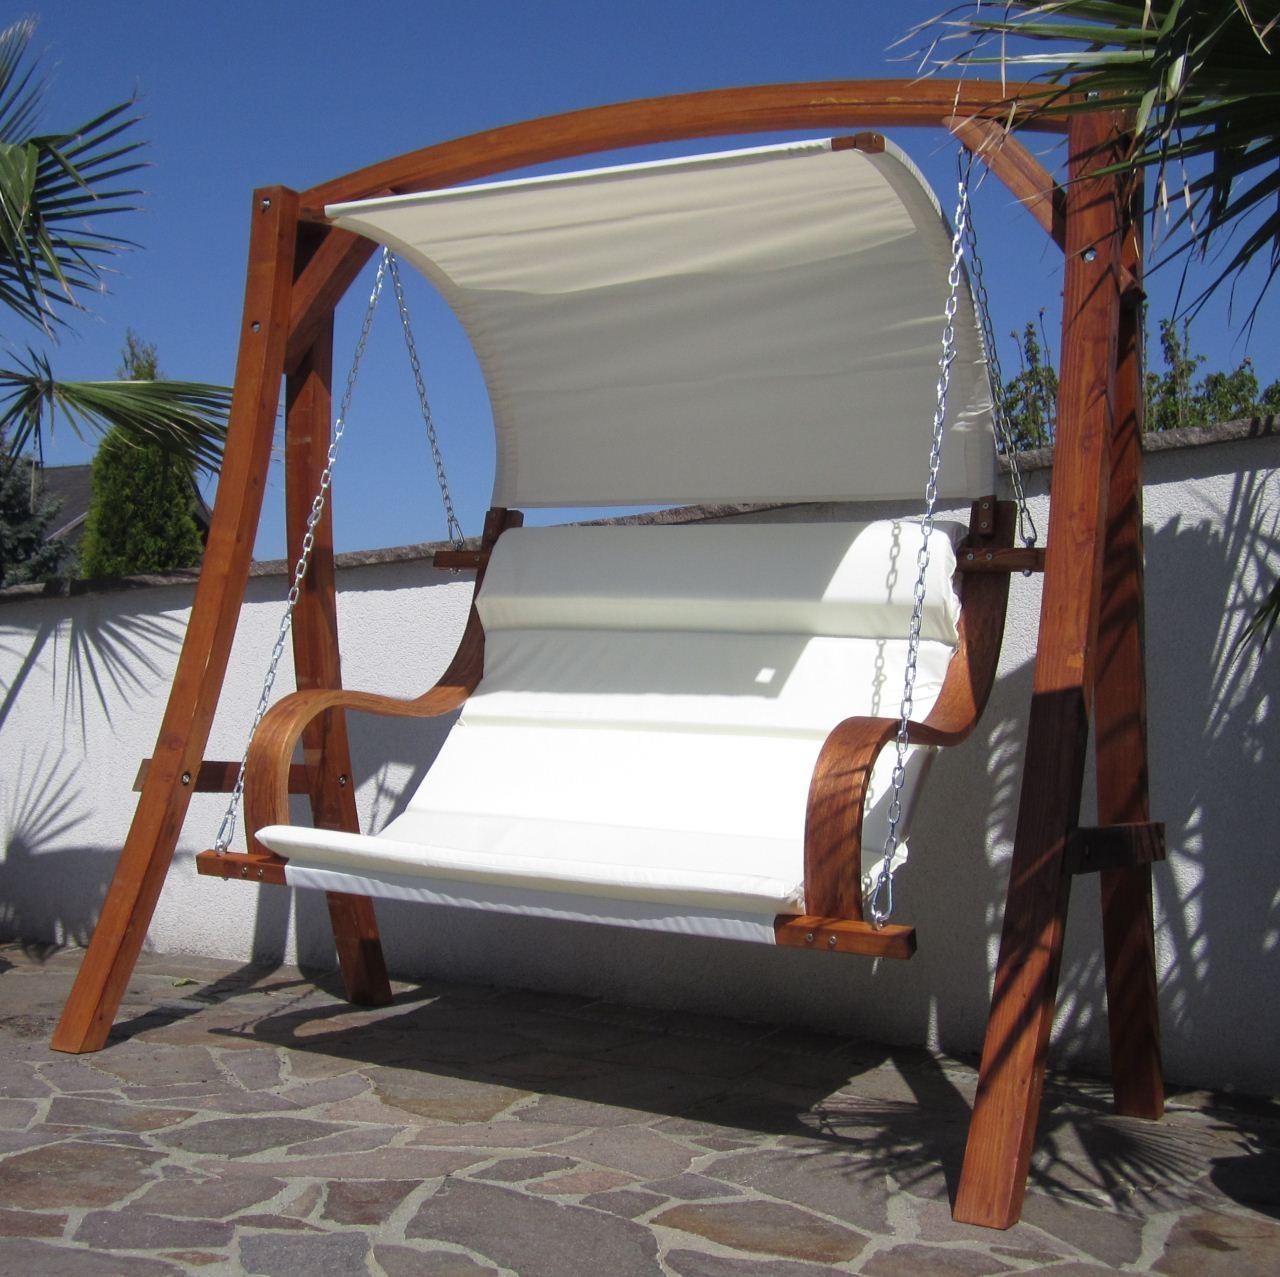 design hollywoodschaukel aus holz l rche model meru hm101. Black Bedroom Furniture Sets. Home Design Ideas